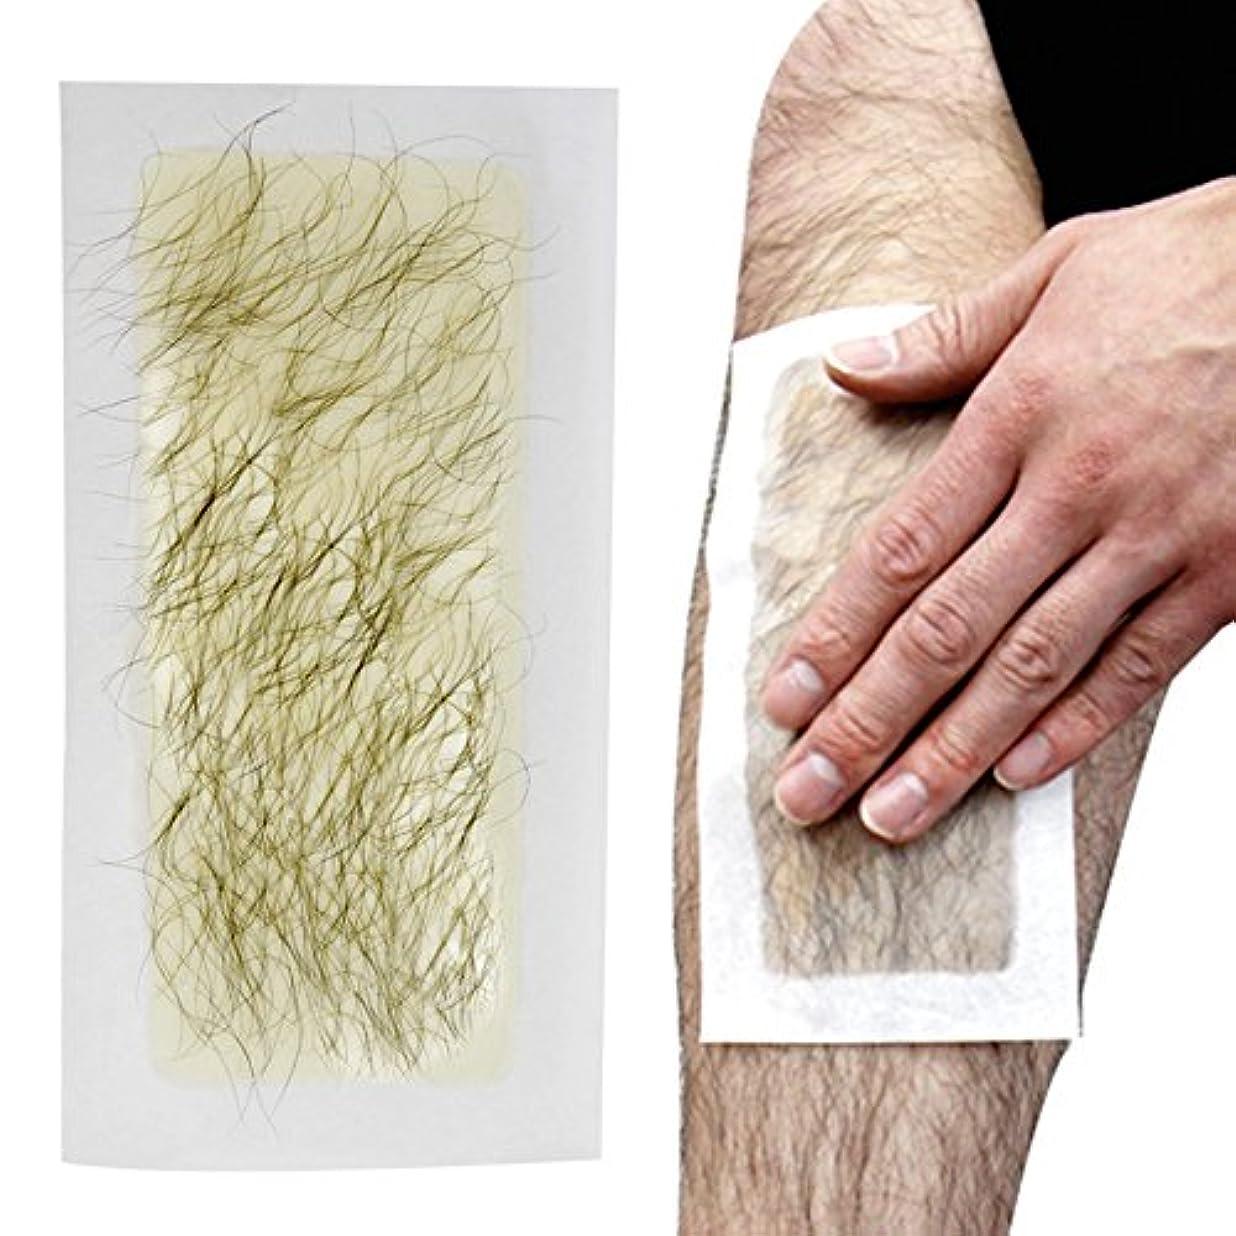 感謝する植物学ピュー脱毛シート 100回分 ブラジリアンワックス 処理 お手軽美人 脱毛纸 脱毛テープ